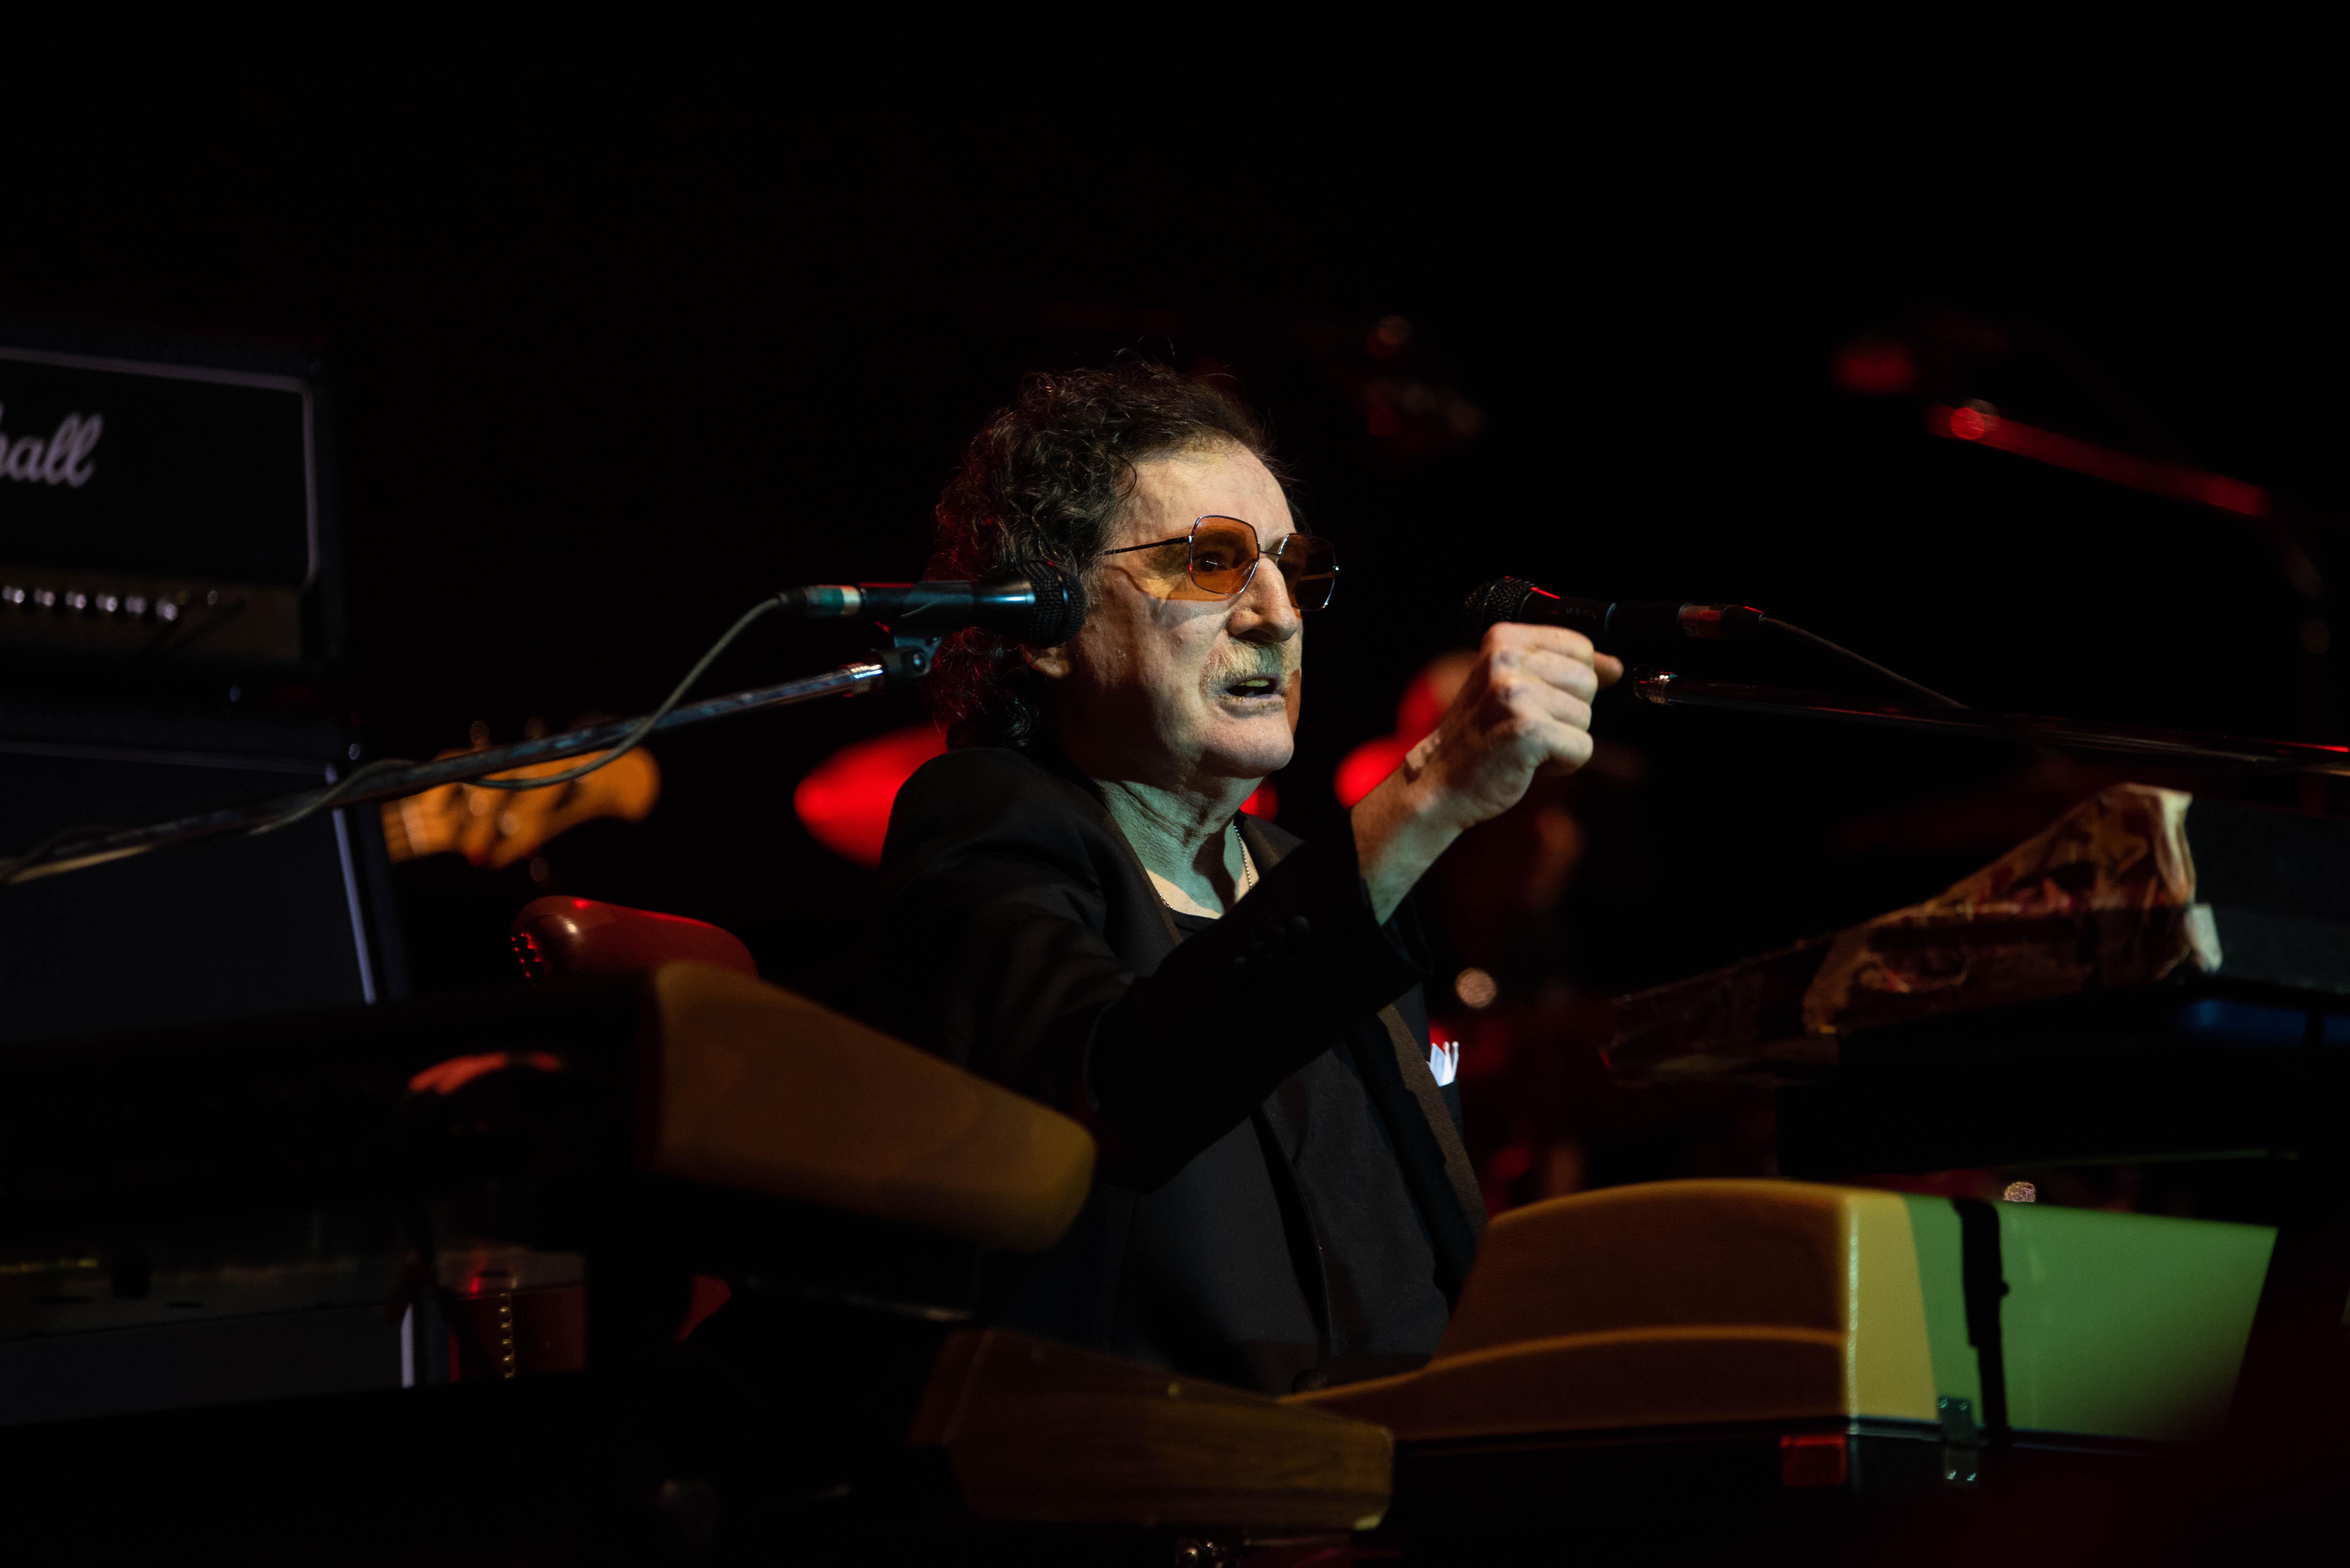 Durante el show,el artista repasó Random, su último disco, y toda su trayectoria con un repertorio cargado de clásicos